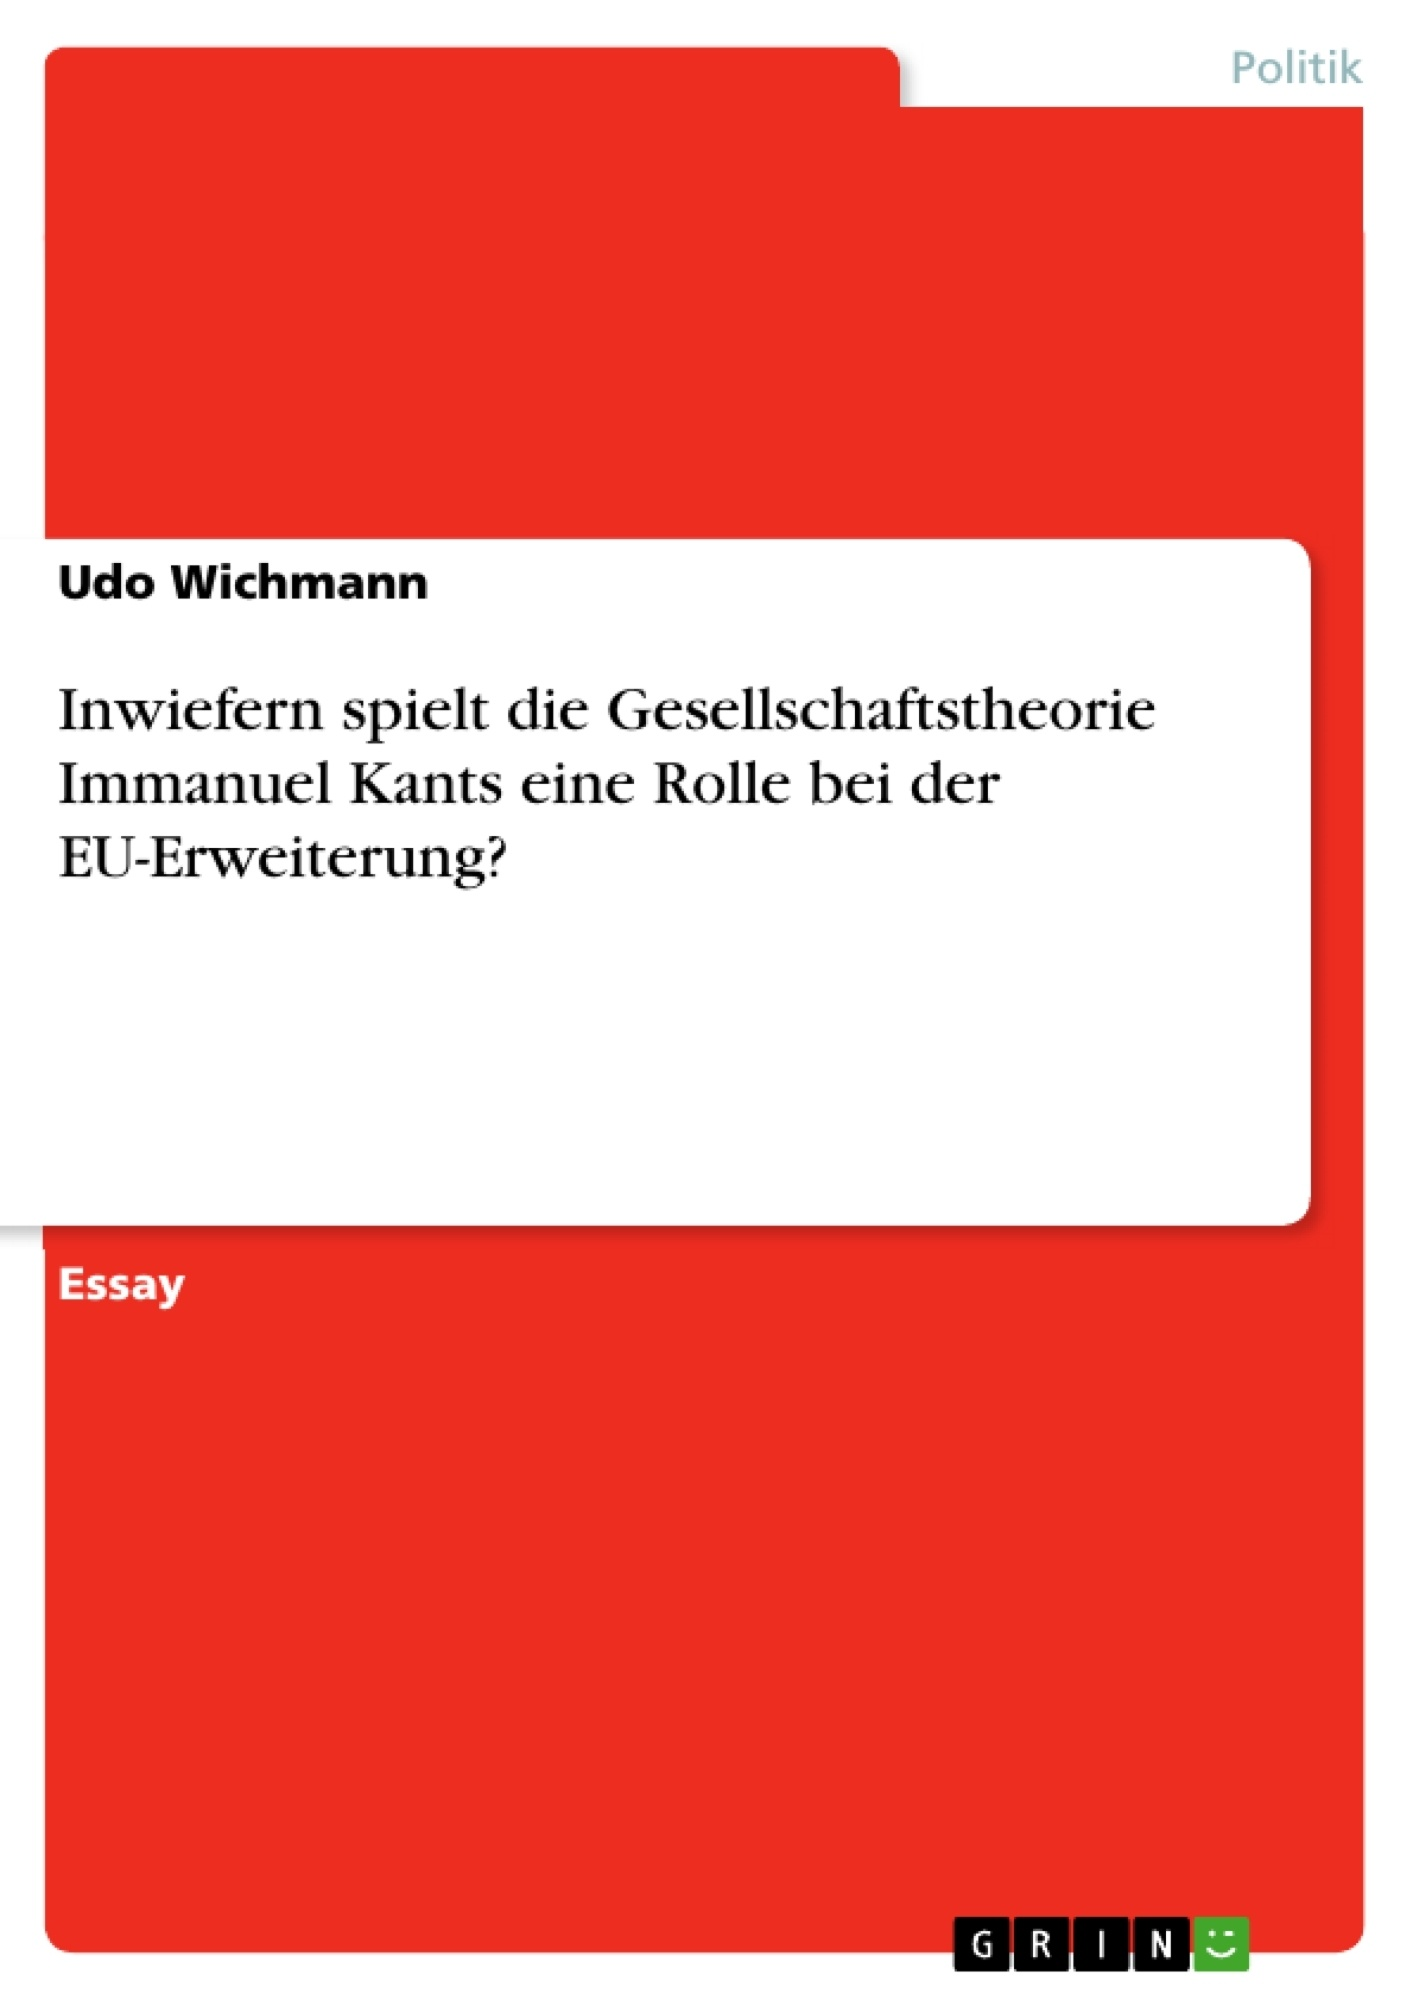 Titel: Inwiefern spielt die Gesellschaftstheorie Immanuel Kants eine Rolle bei der EU-Erweiterung?